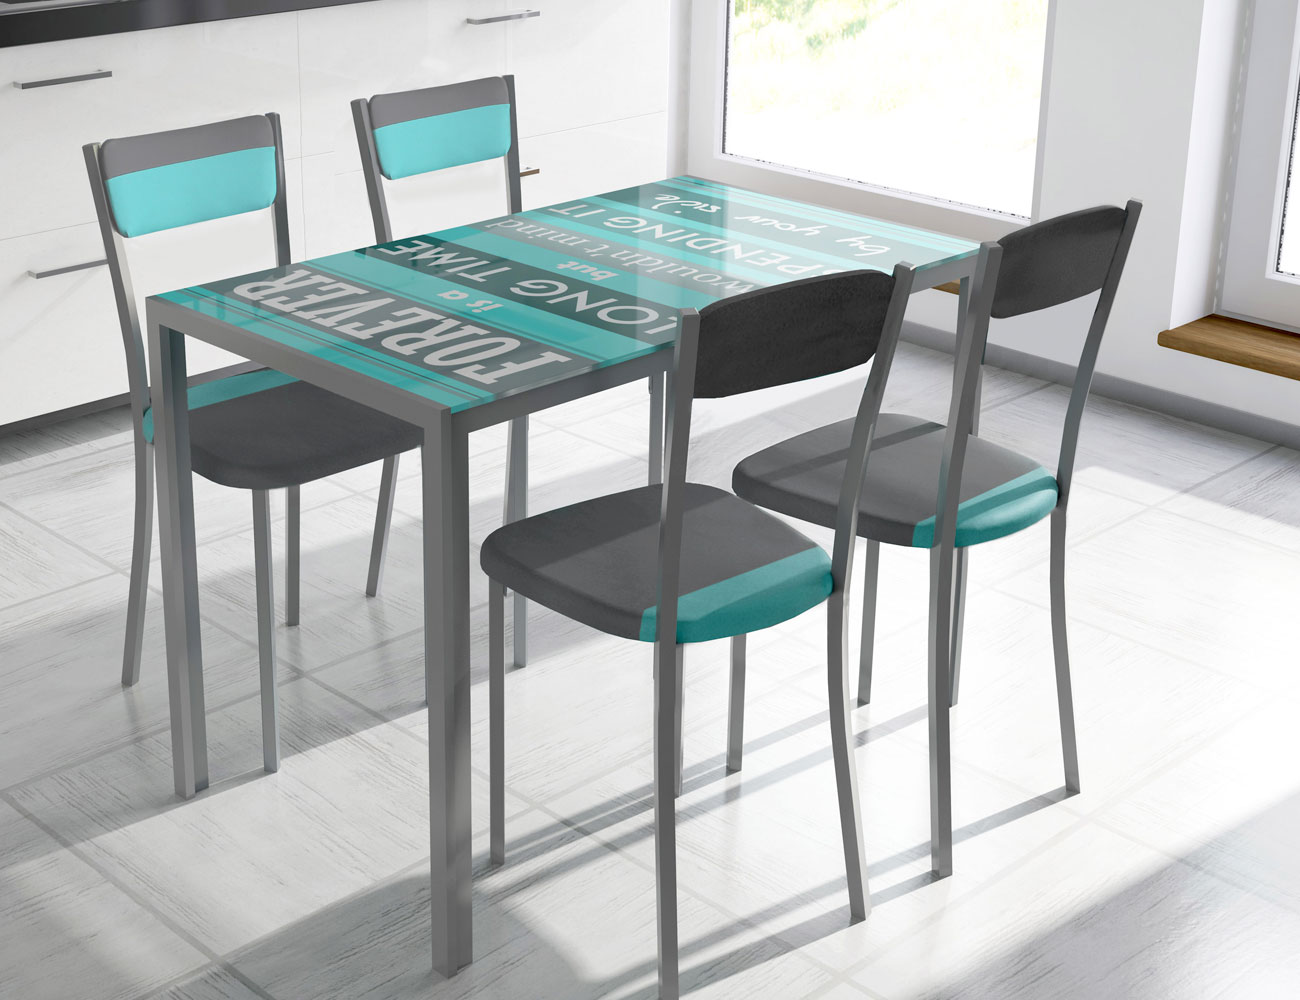 Mesa de cocina con cristal templando serigrafiado 3546 factory del mueble utrera - Mesa cristal templado ...